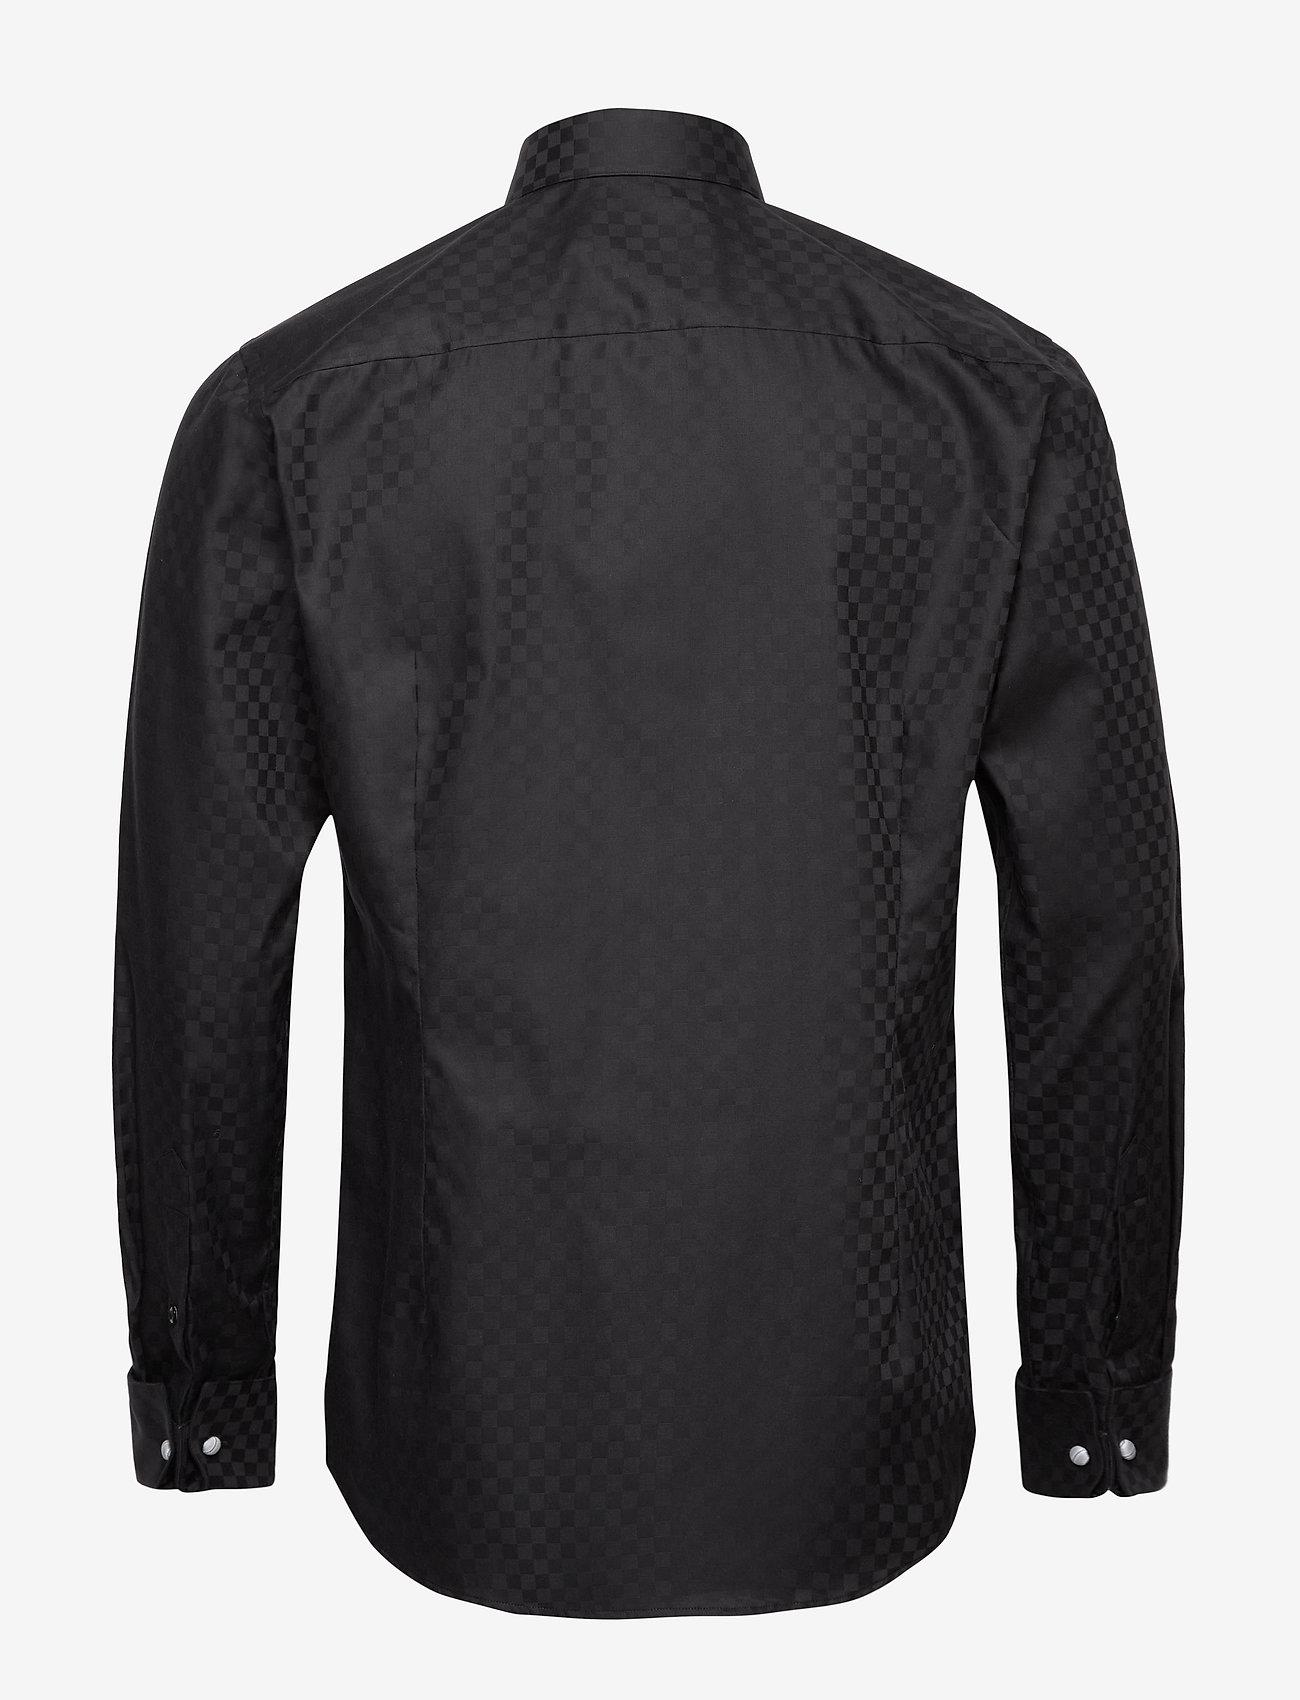 Eton Chessboard check evening shirt - Skjorter BLACK - Menn Klær